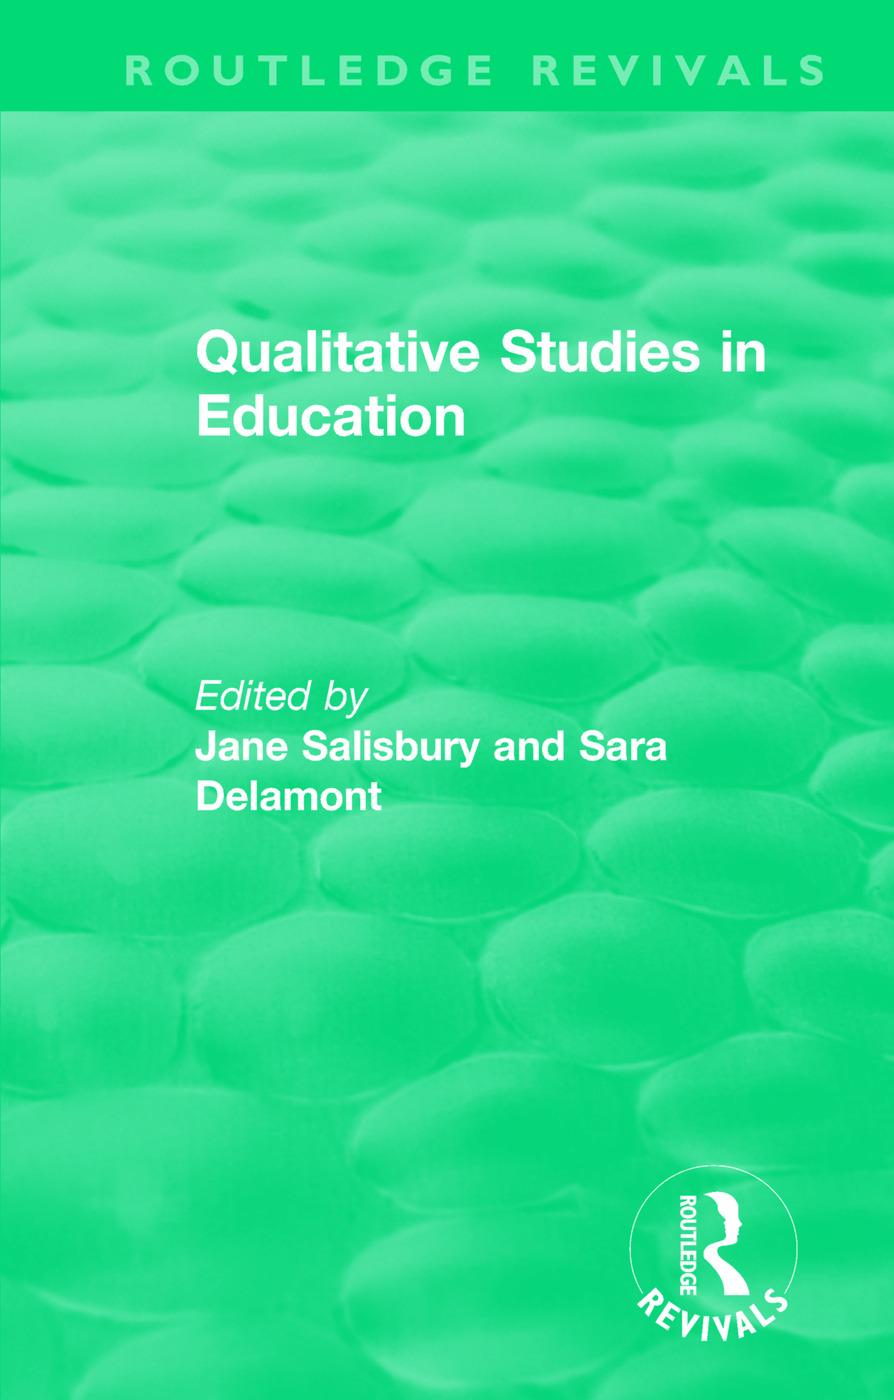 Qualitative Studies in Education (1995)